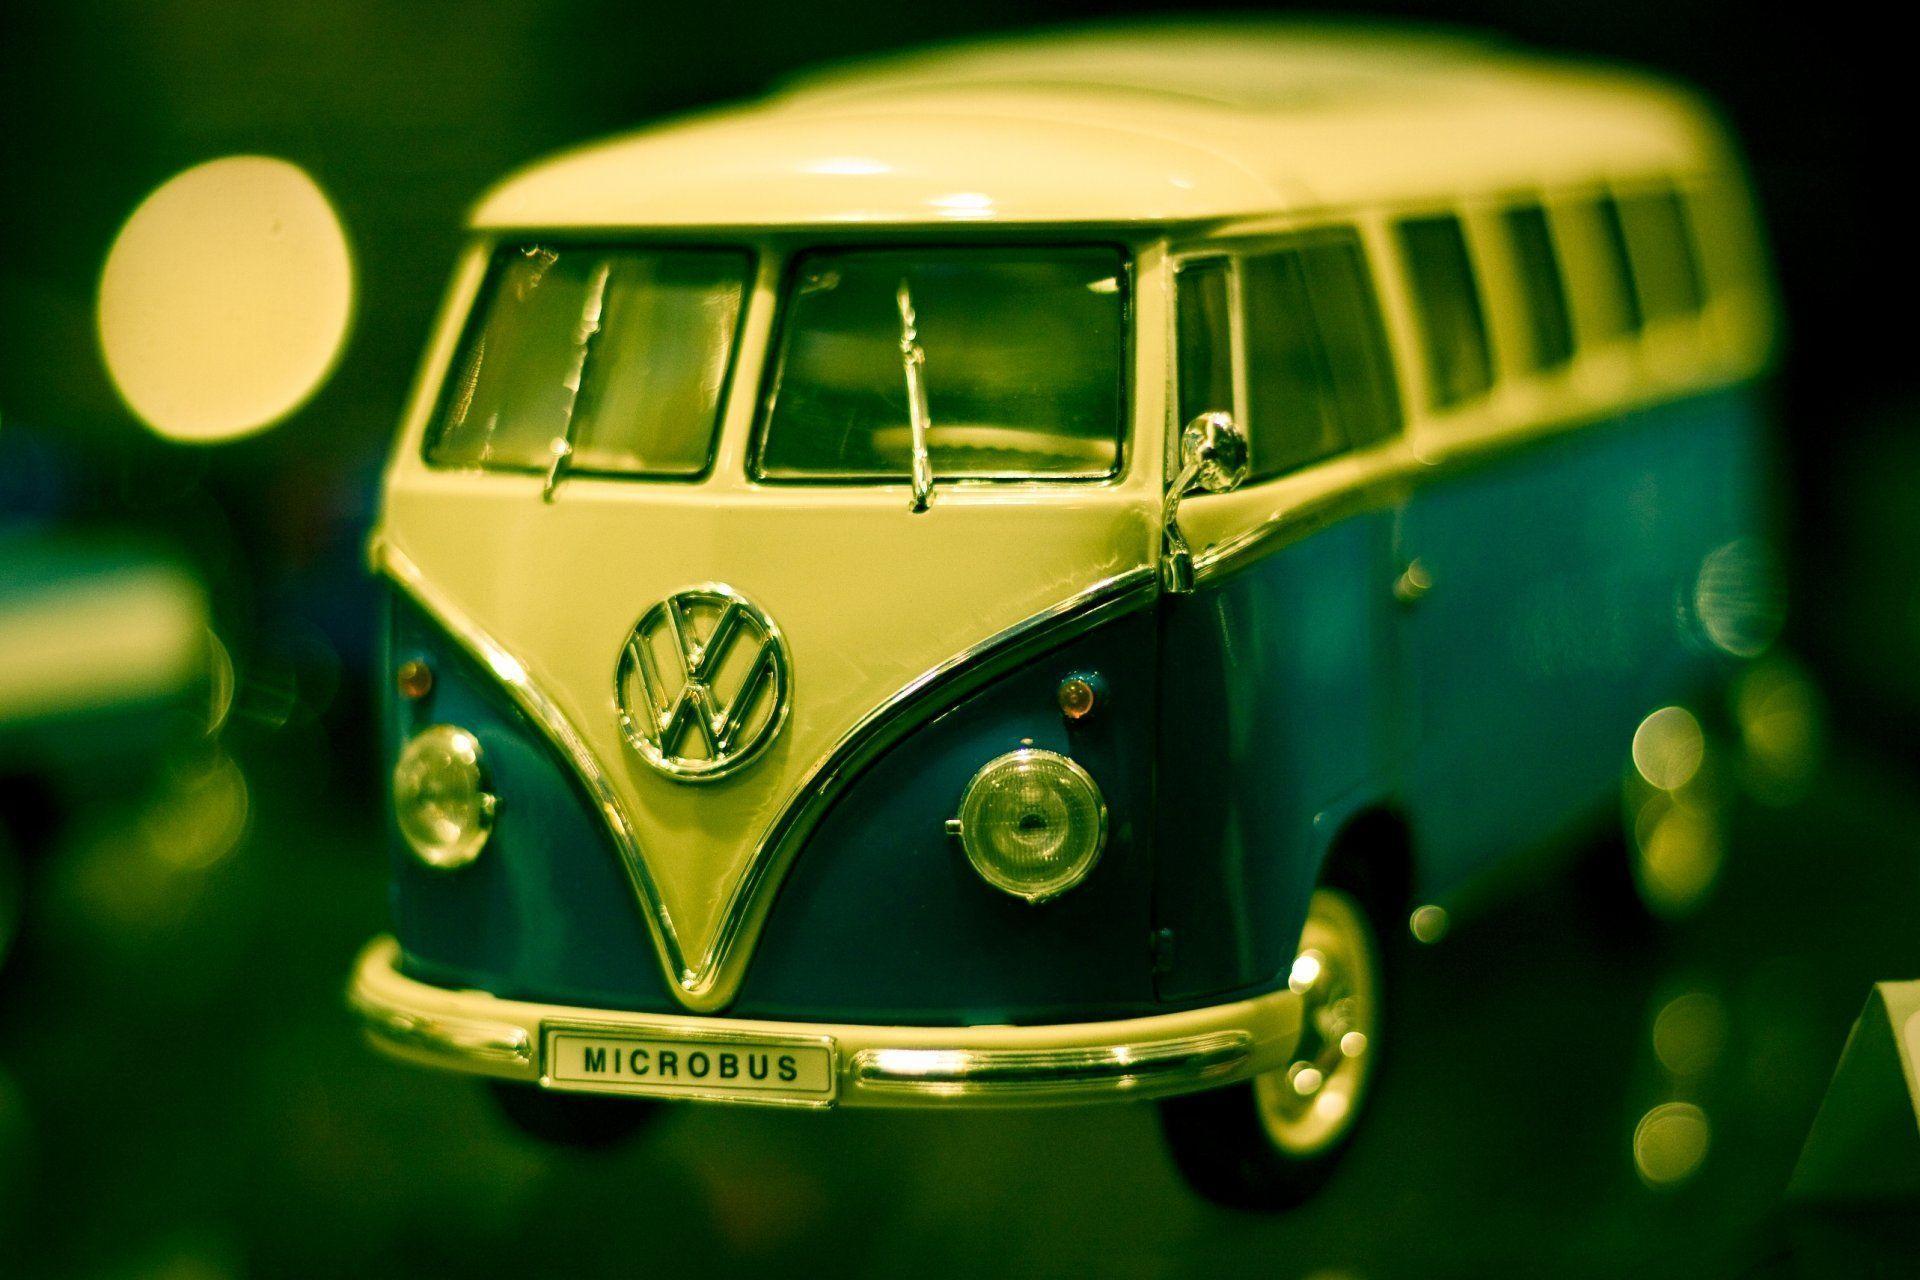 machine toys minivan volkswagen transporter photo close up ...